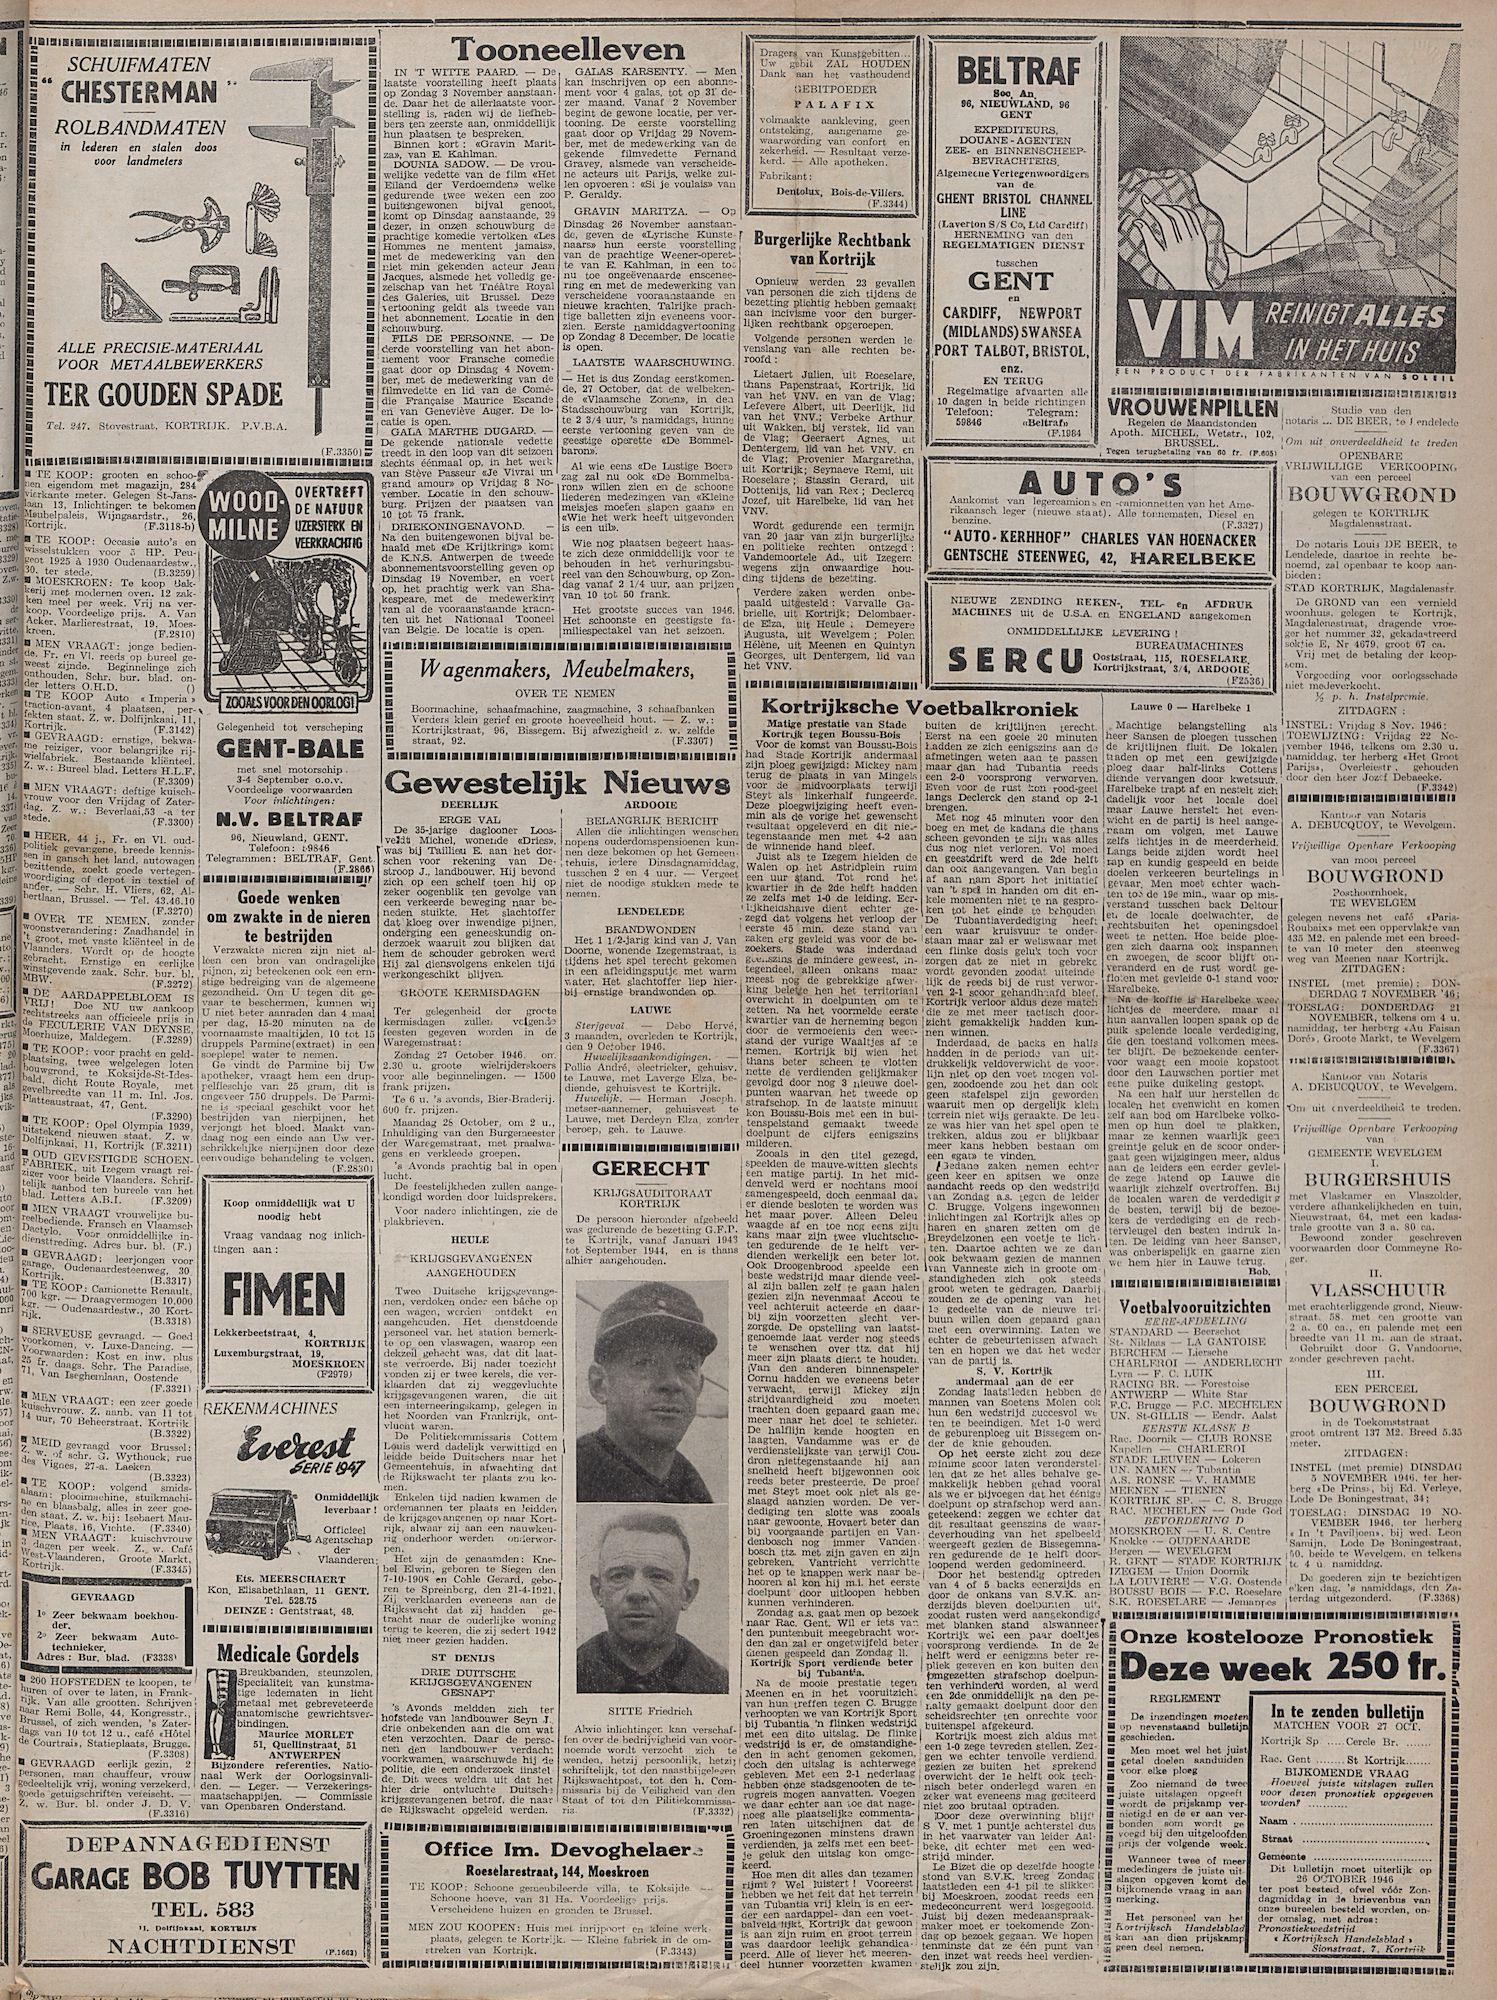 Kortrijksch Handelsblad 25 oktober 1946 Nr86 p3